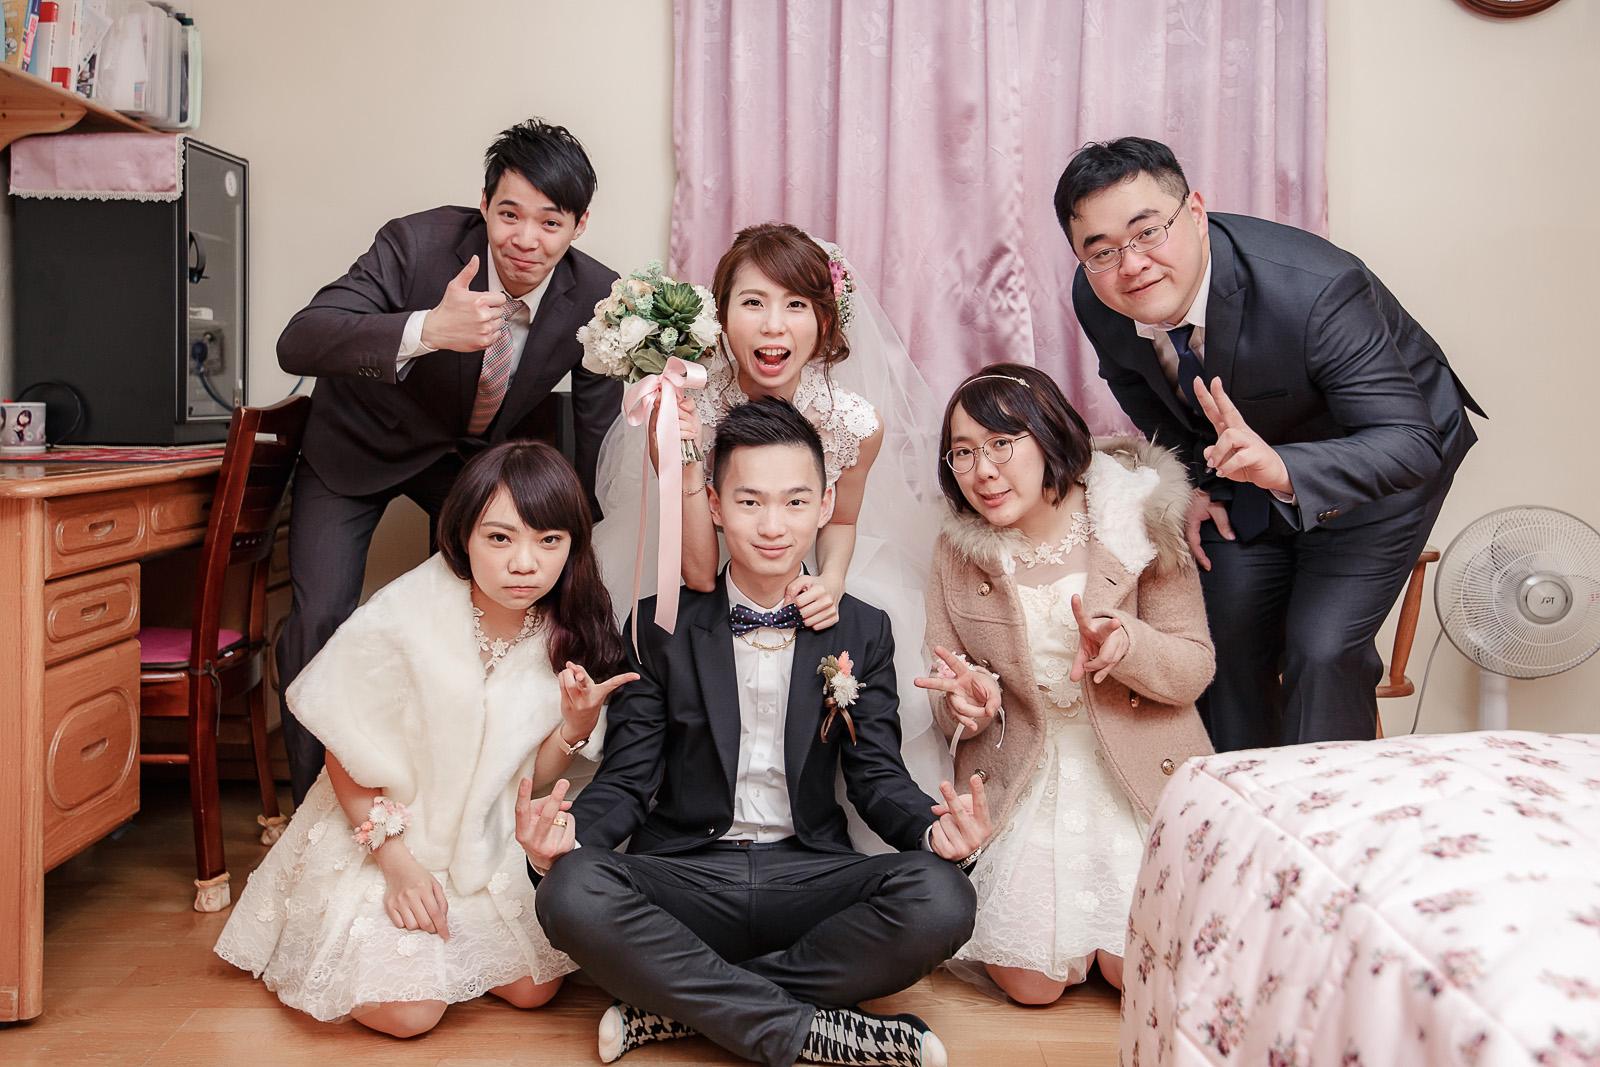 高雄圓山飯店,婚禮攝影,婚攝,高雄婚攝,優質婚攝推薦,Jen&Ethan-192